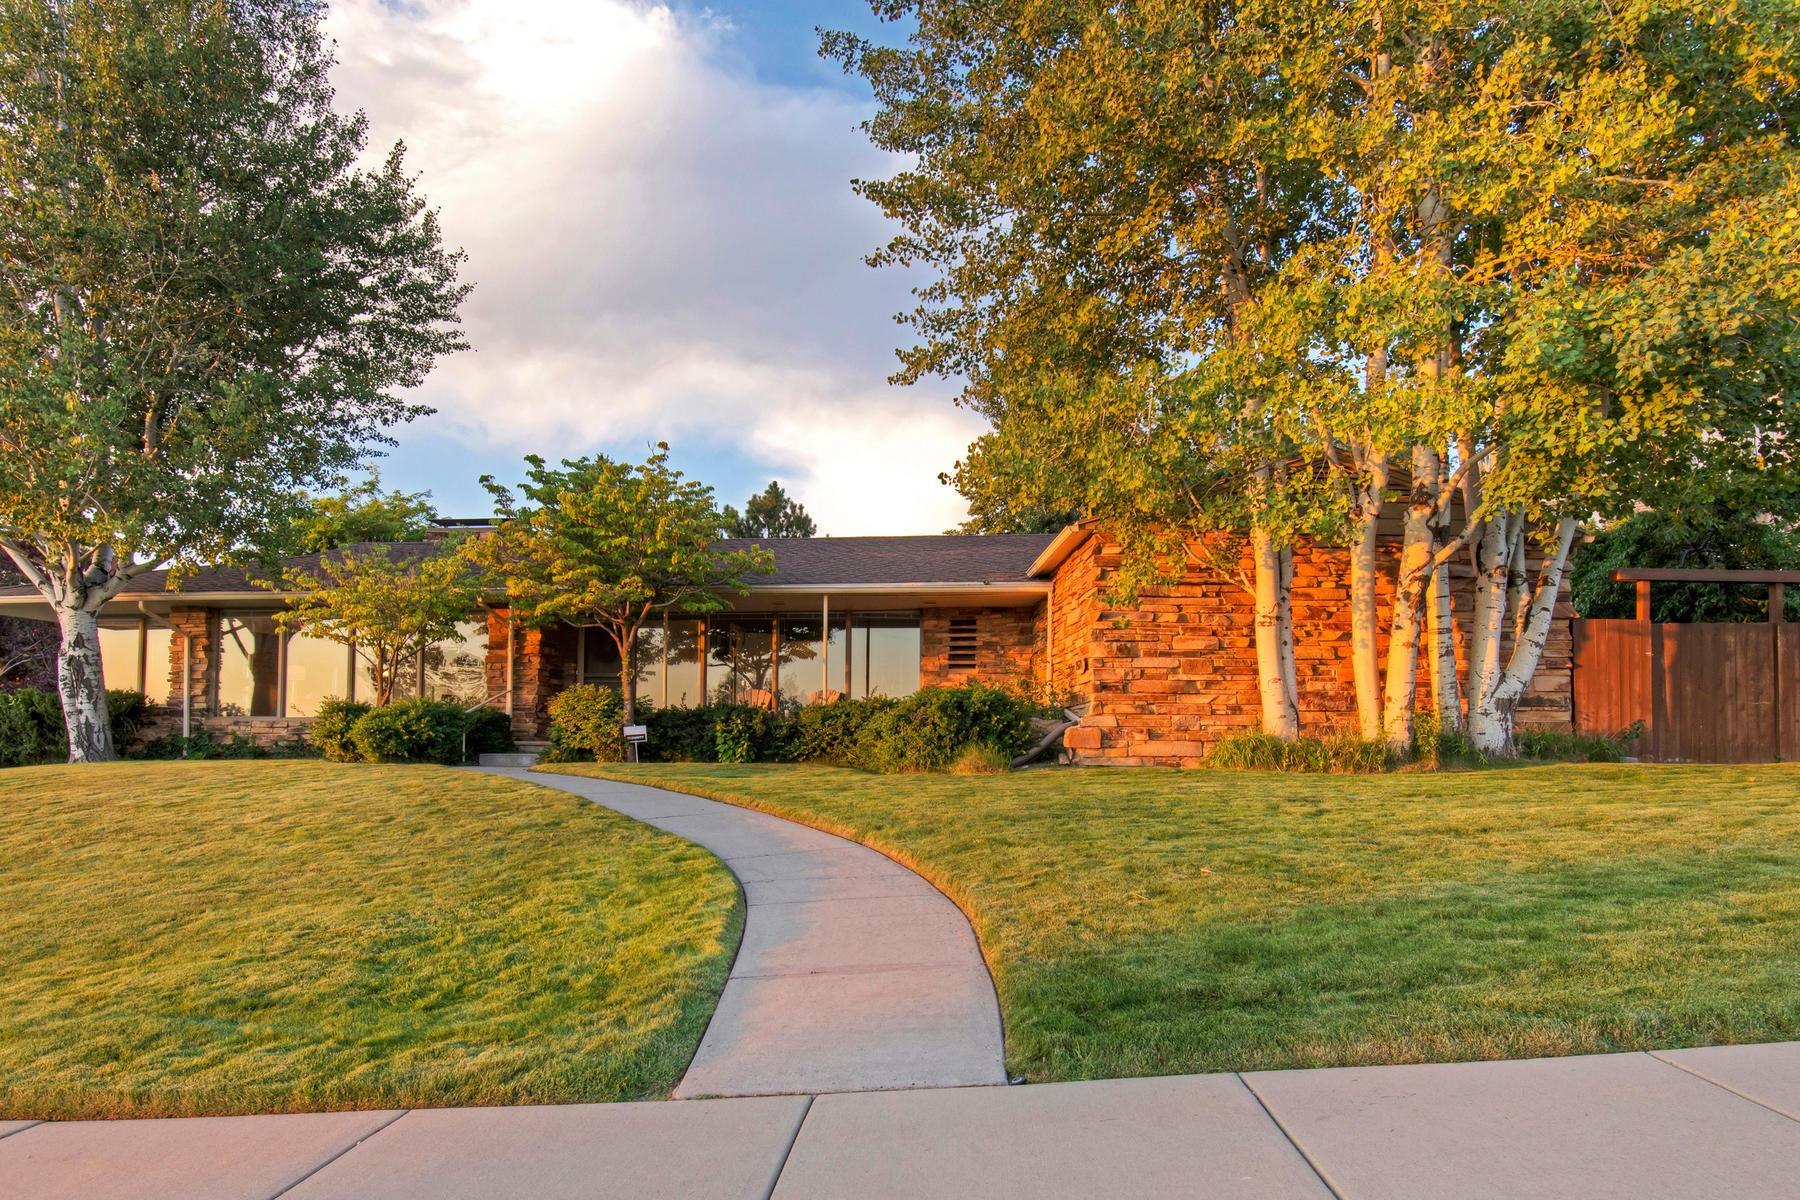 Частный односемейный дом для того Продажа на Beautiful Indian Hills Rambler 2671 E Comanche Dr Salt Lake City, Юта, 84108 Соединенные Штаты